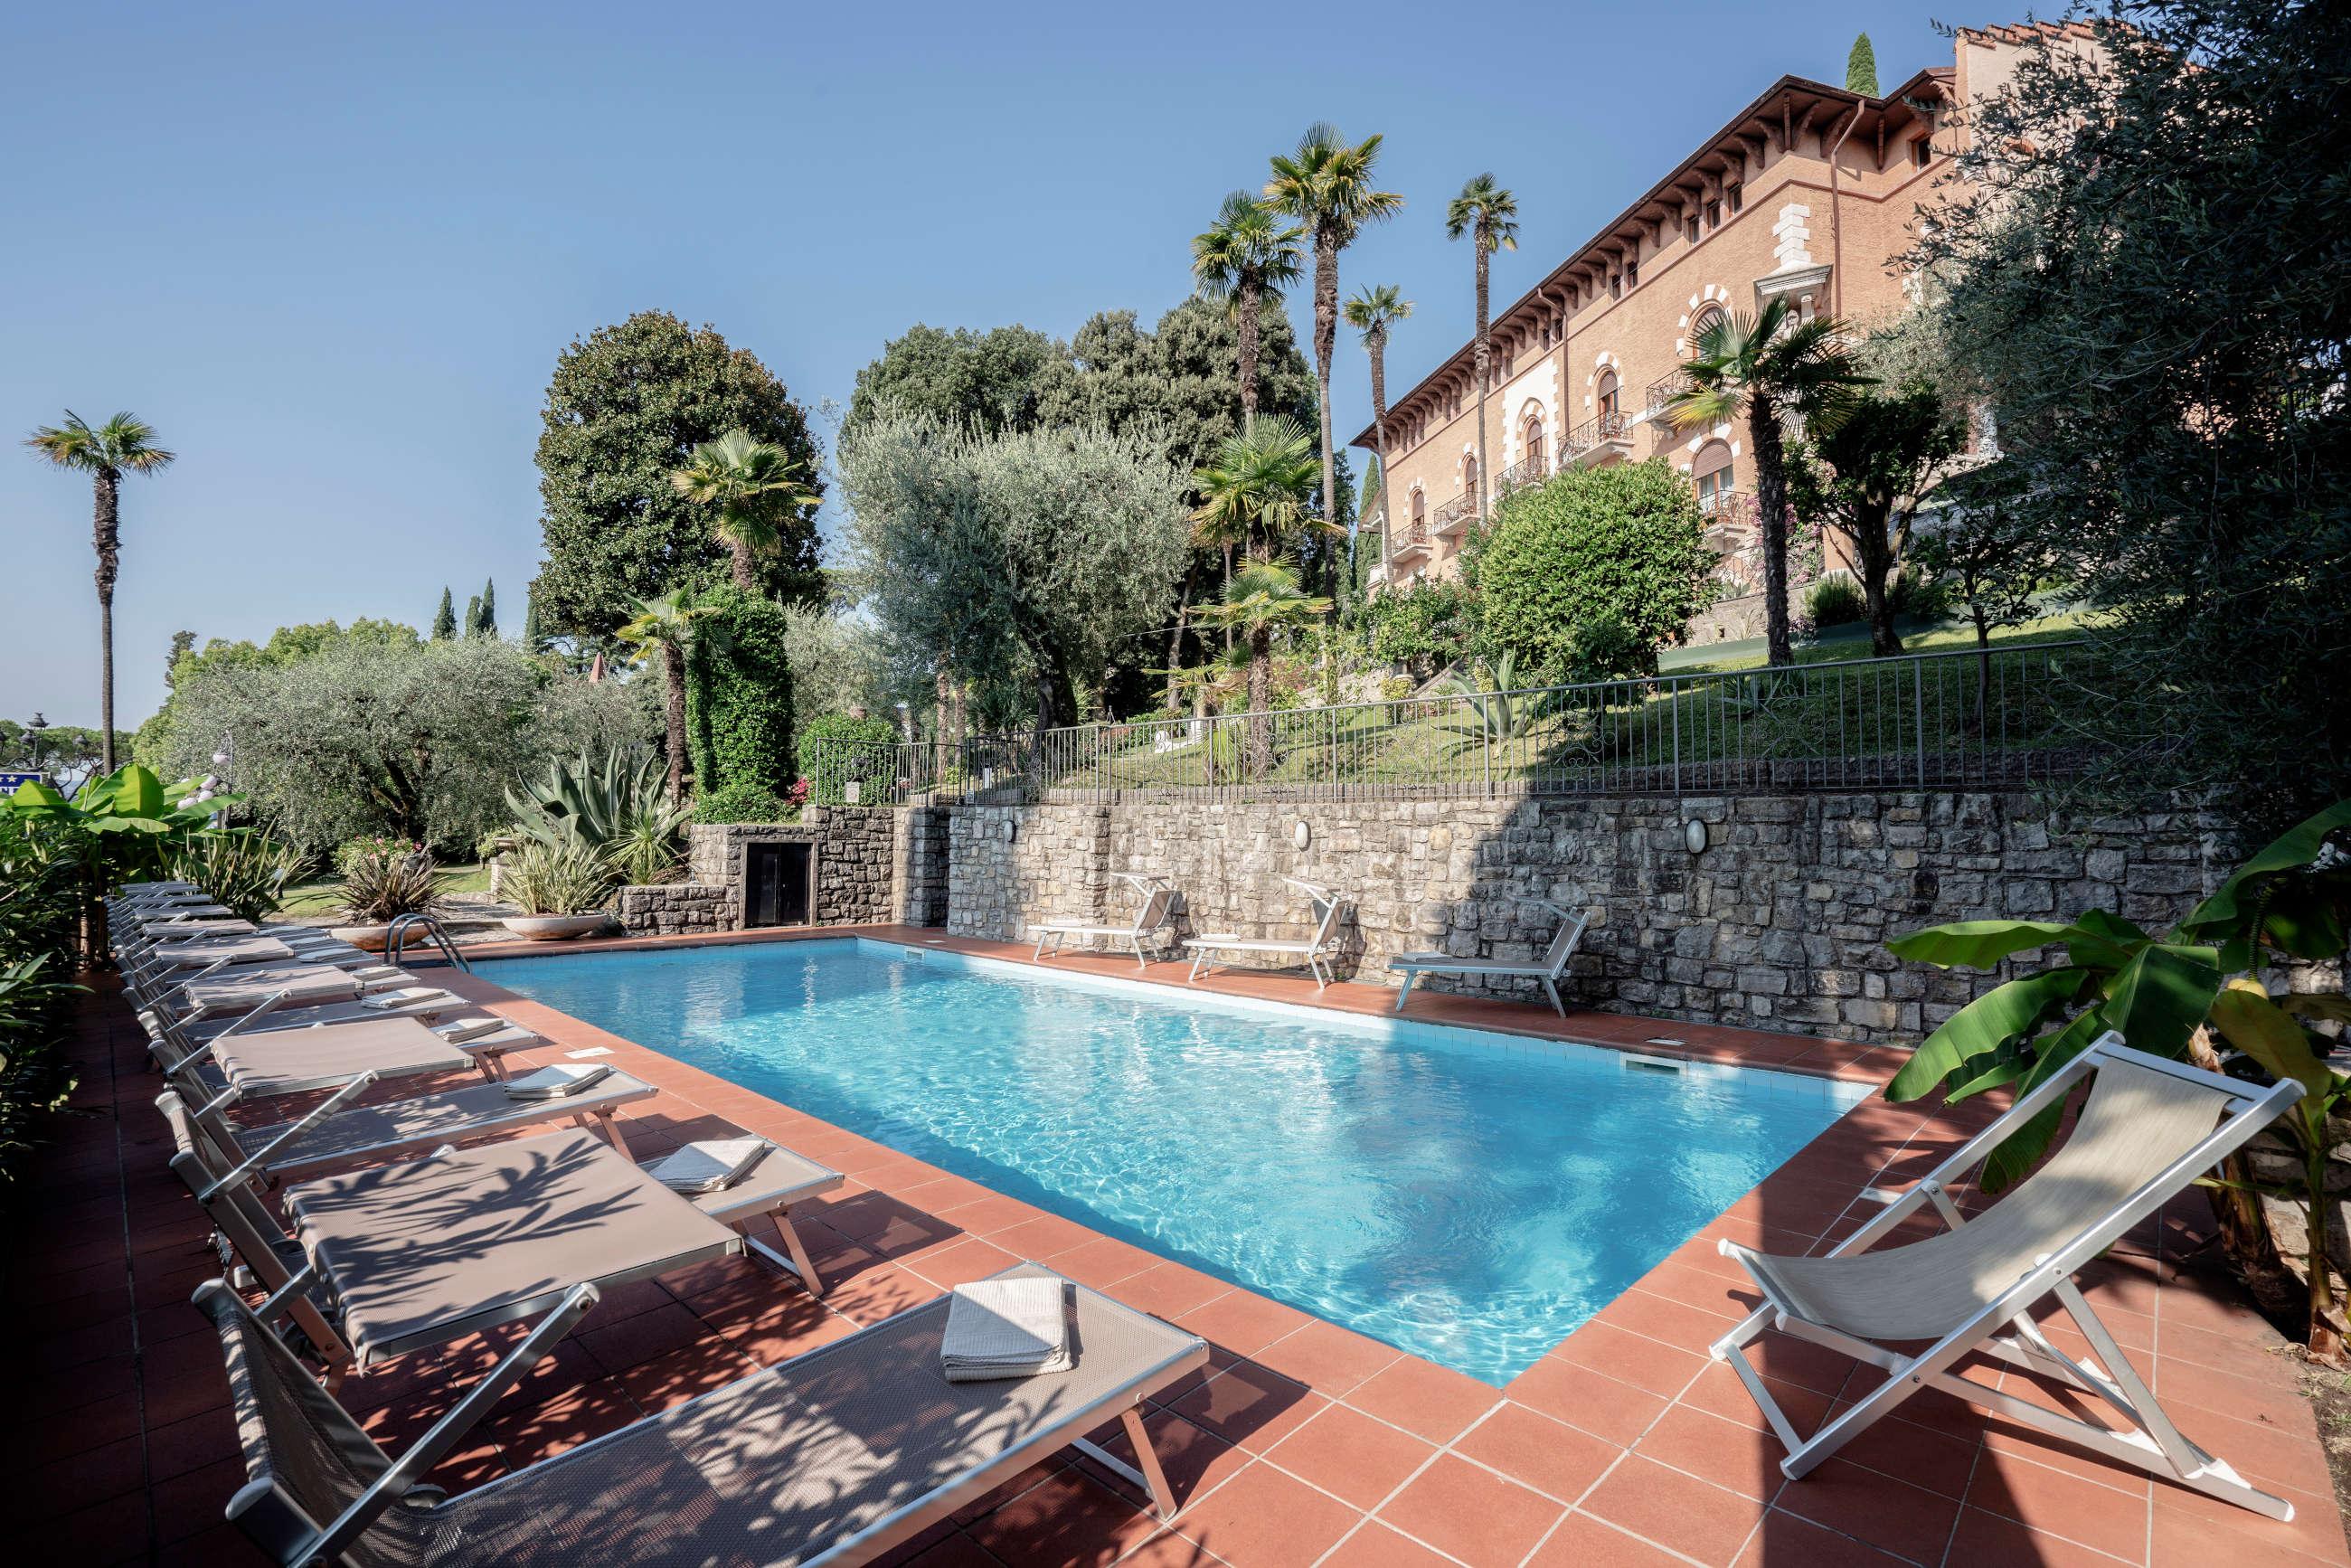 hotel-con-piscina-gardone-riviera